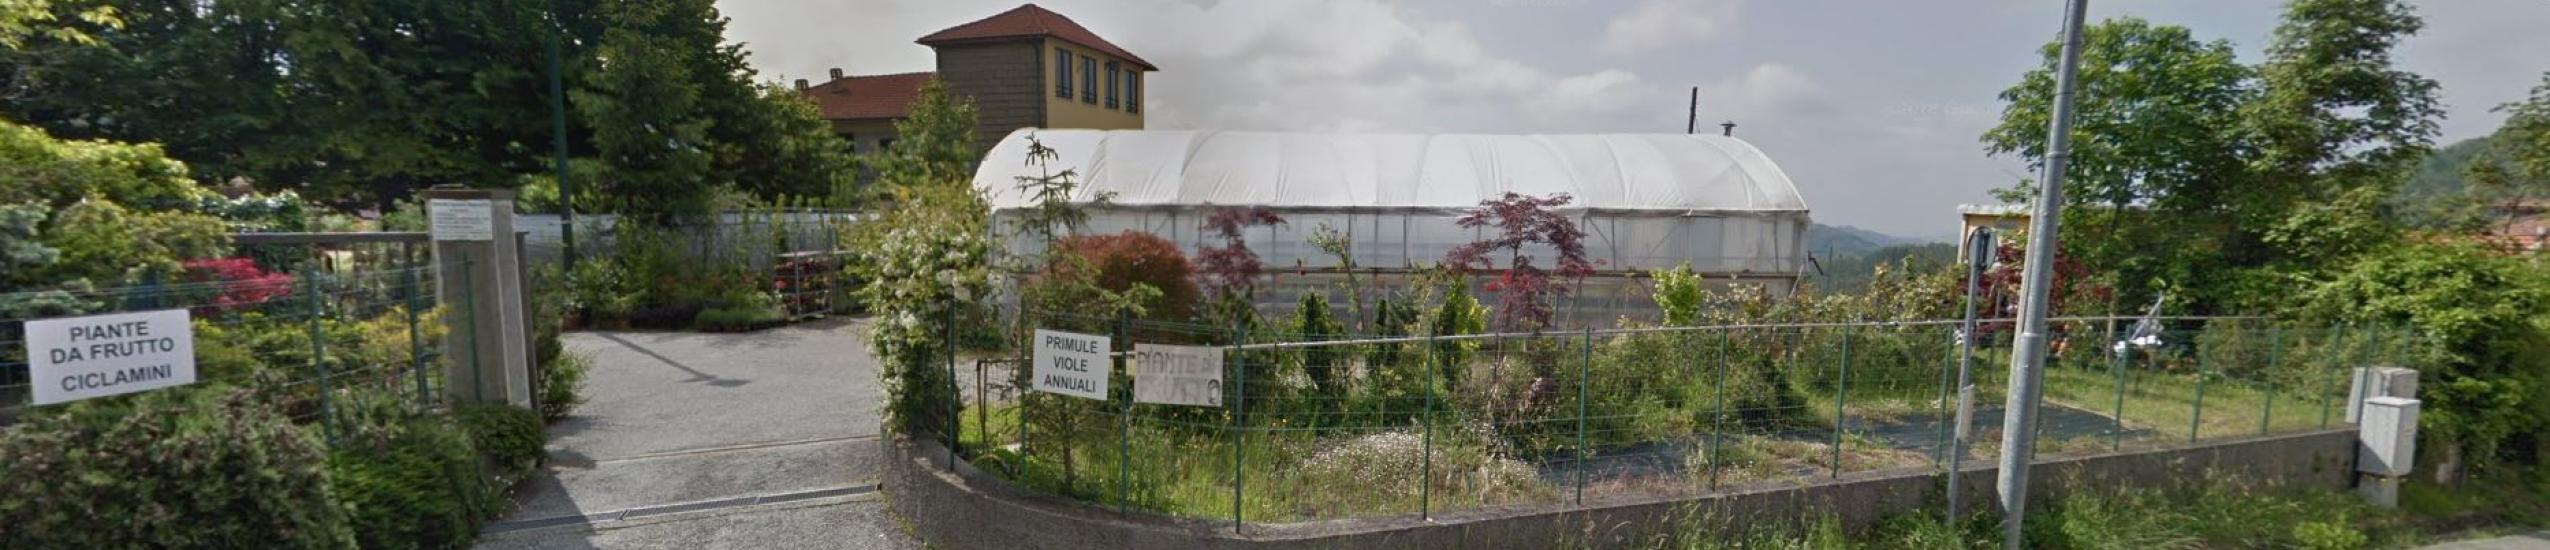 Azienda Agricola Migliarina di Lovotto Cristina Amelia